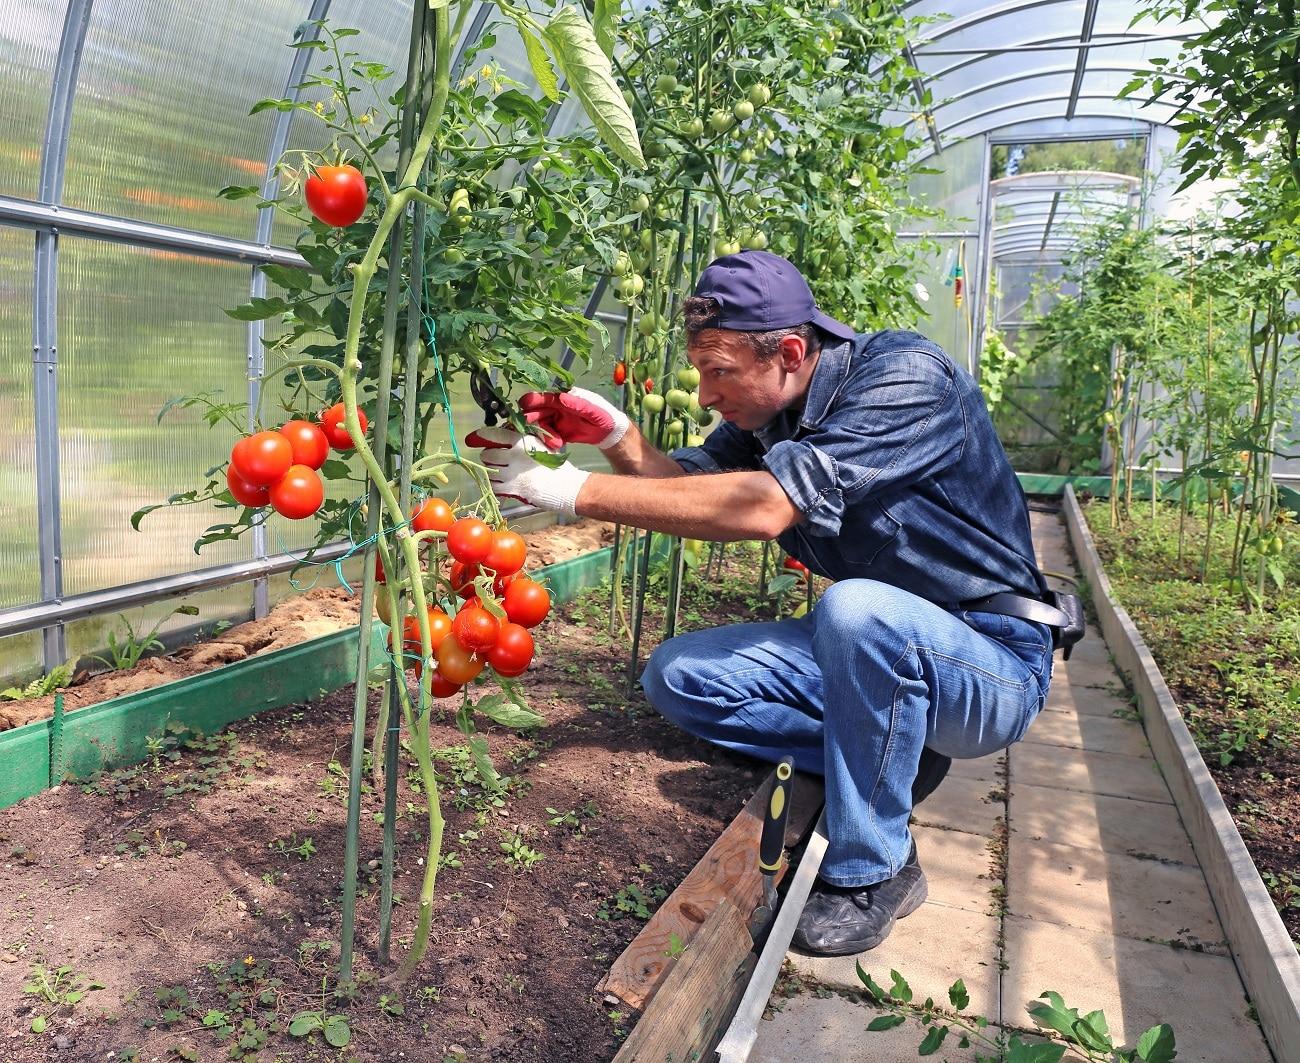 Przycinanie pomidorów - podstawowe zasady i korzyści 1